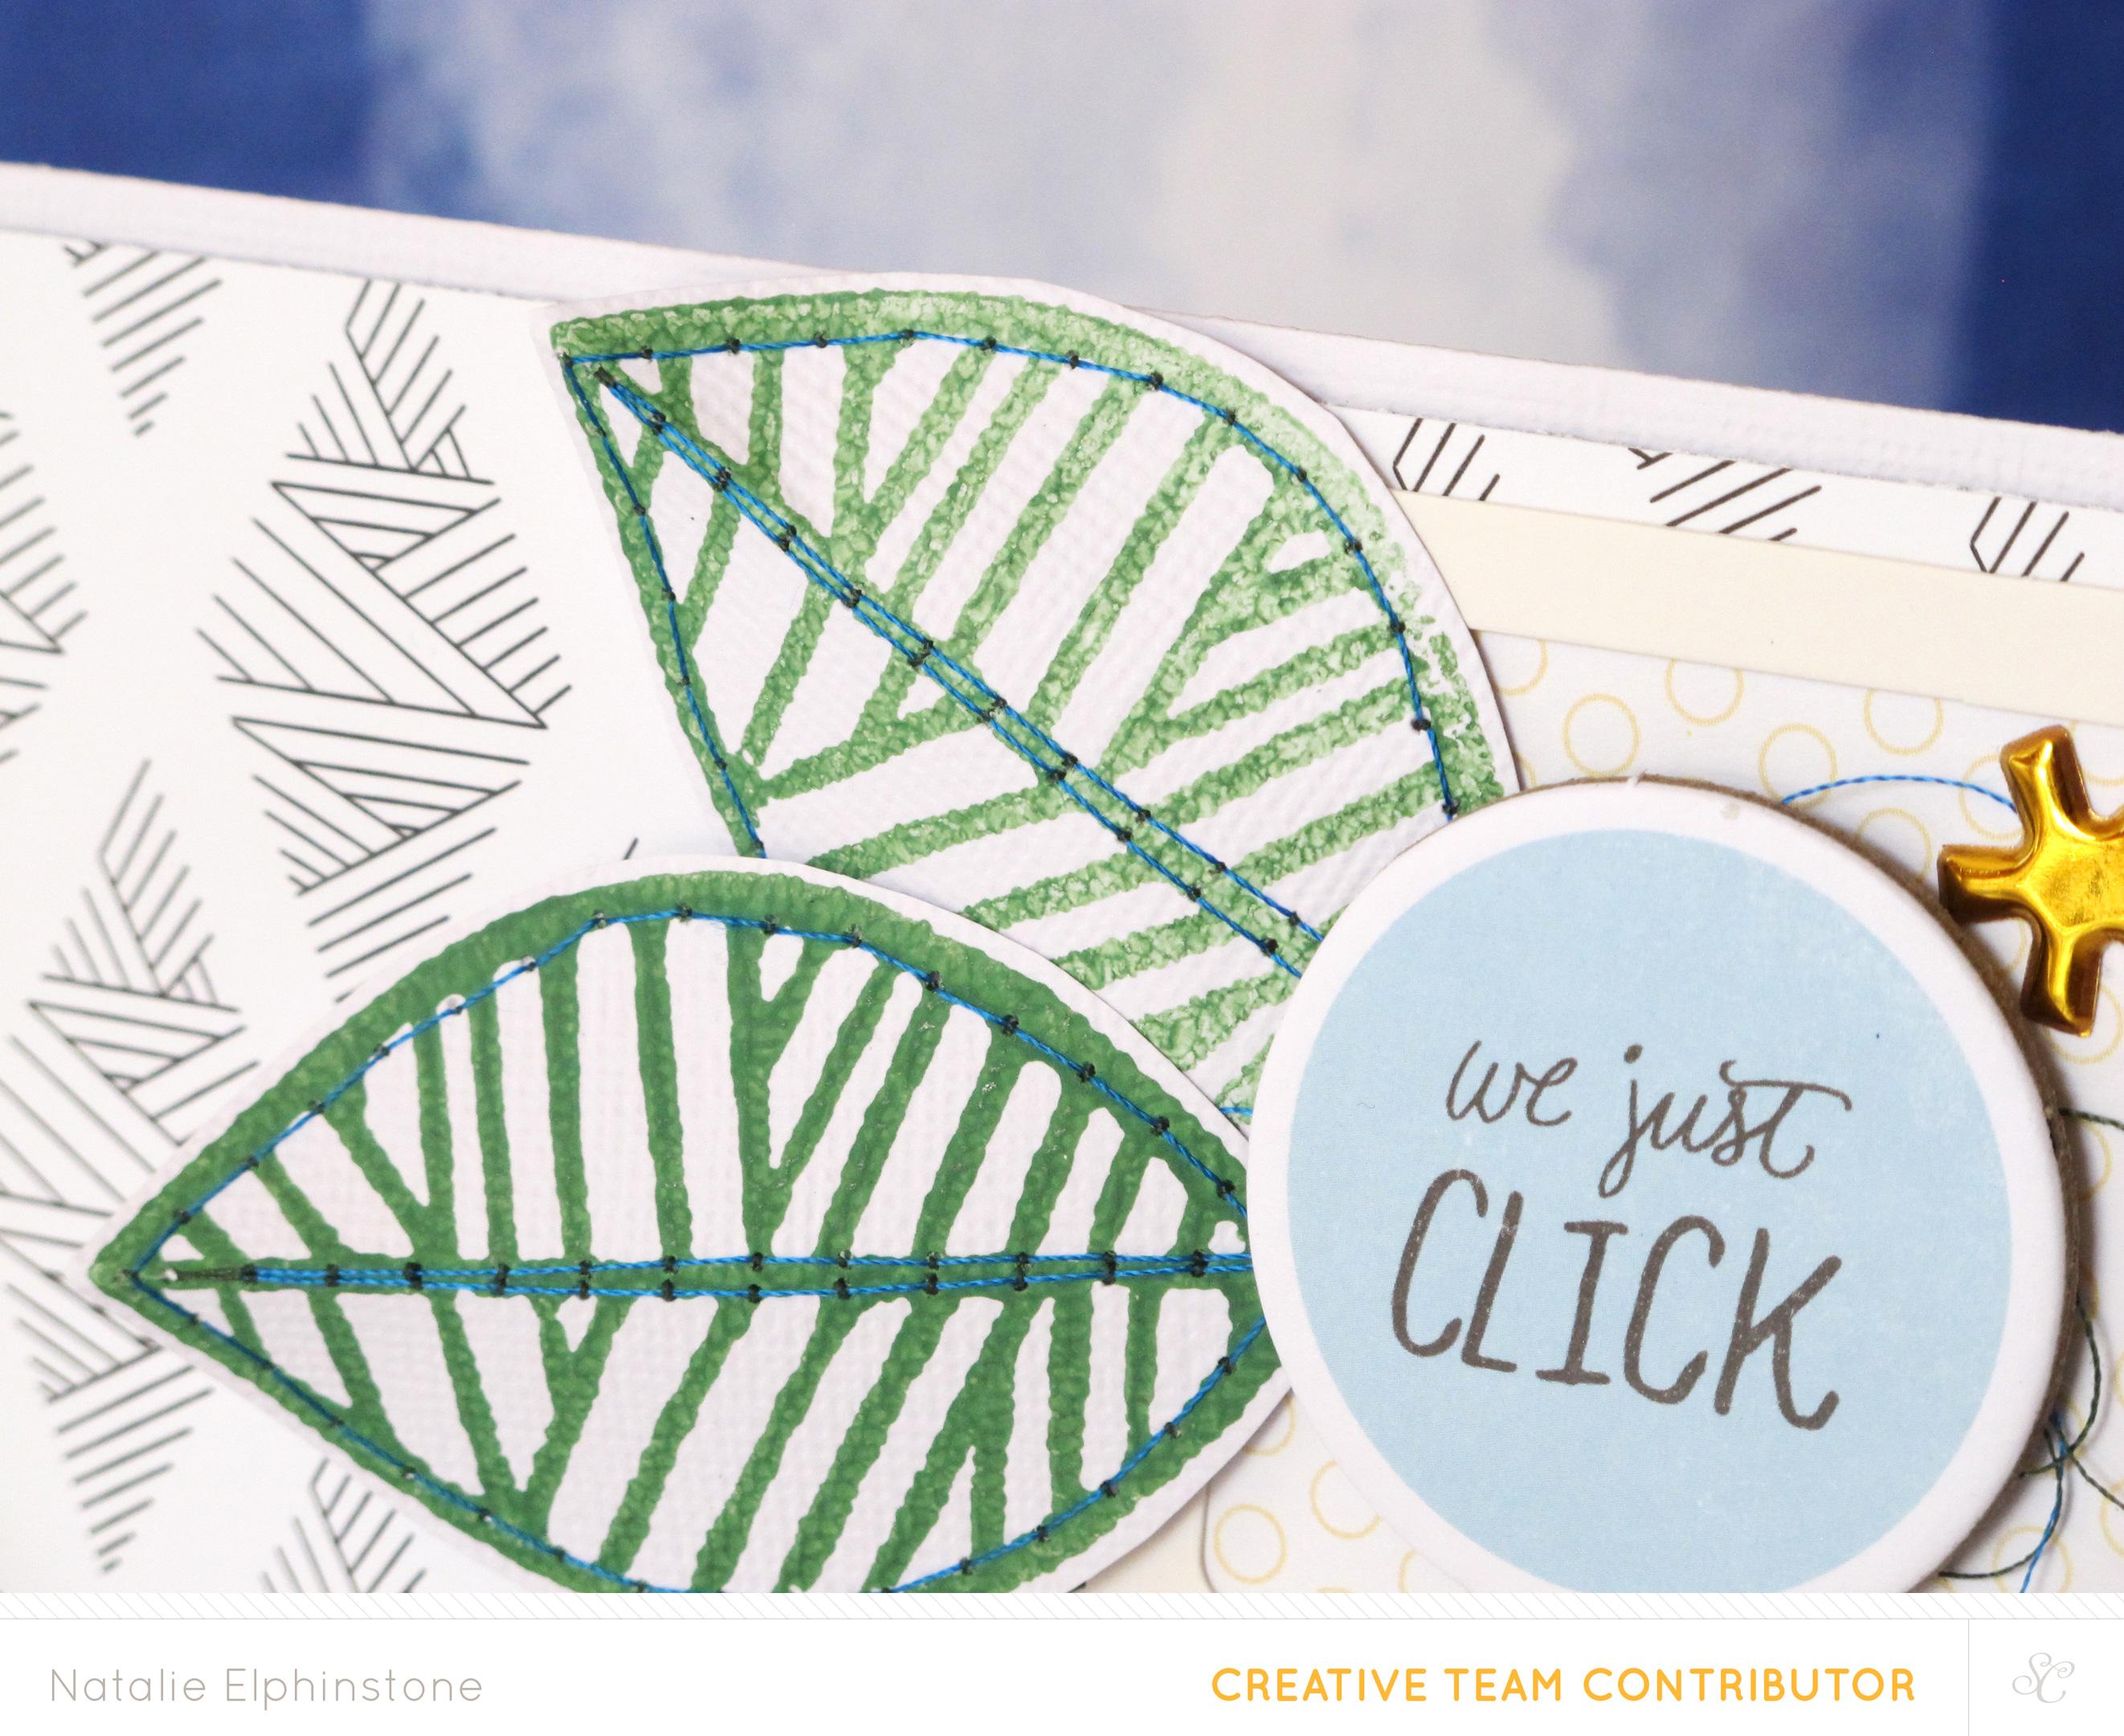 Tutorial: Block Printing With the Blockwallah Leaf Stamp by Natalie Elphinstone